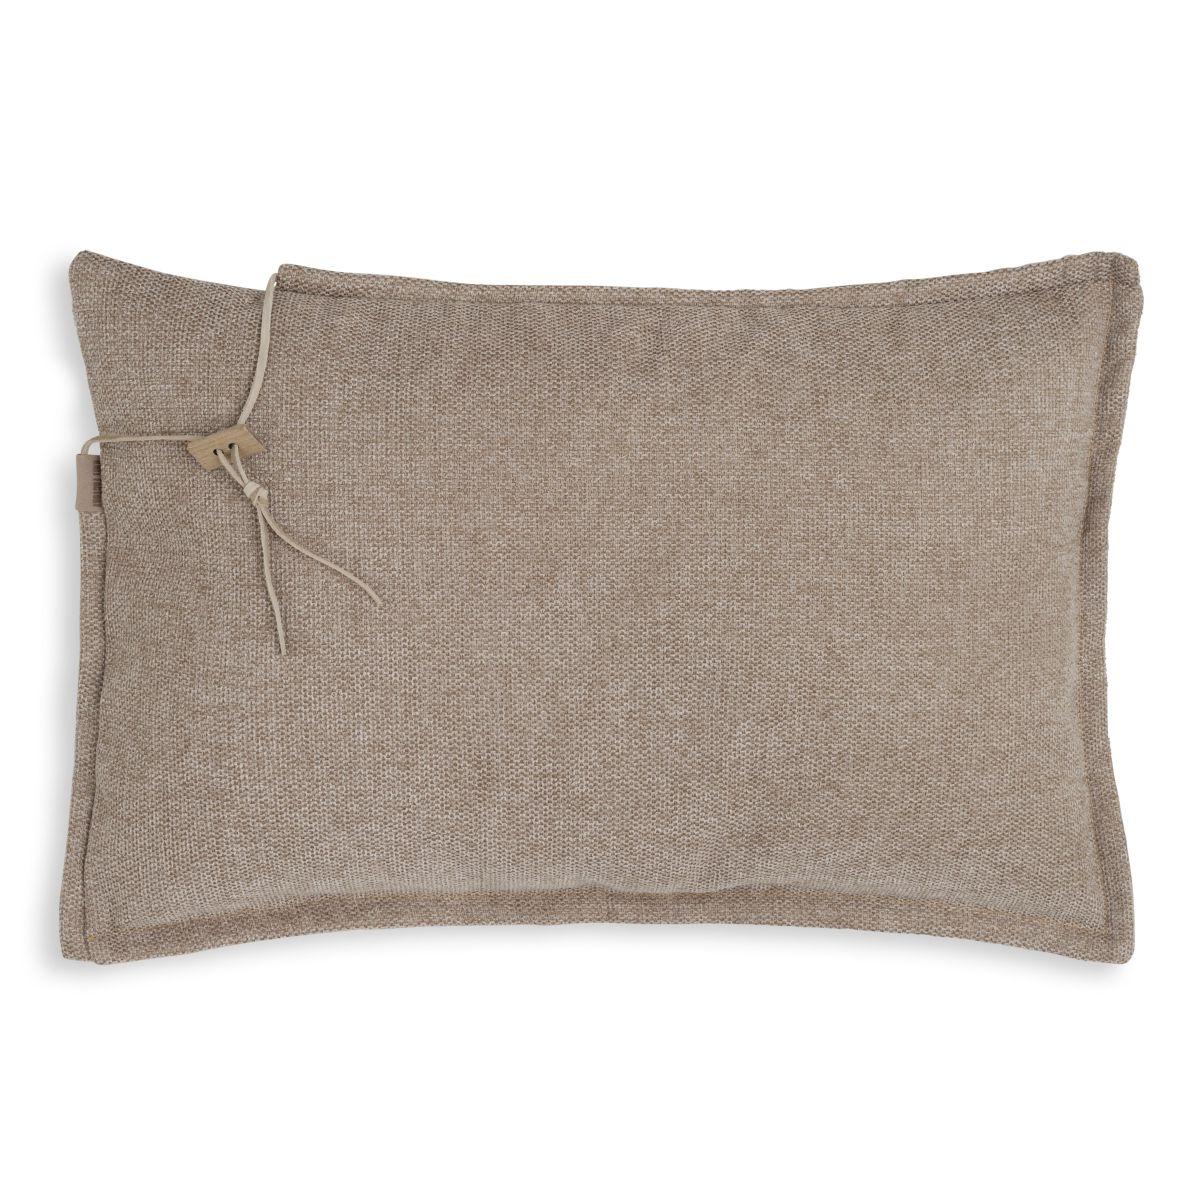 knit factory kf153013012 imre kussen beige 60x40 1